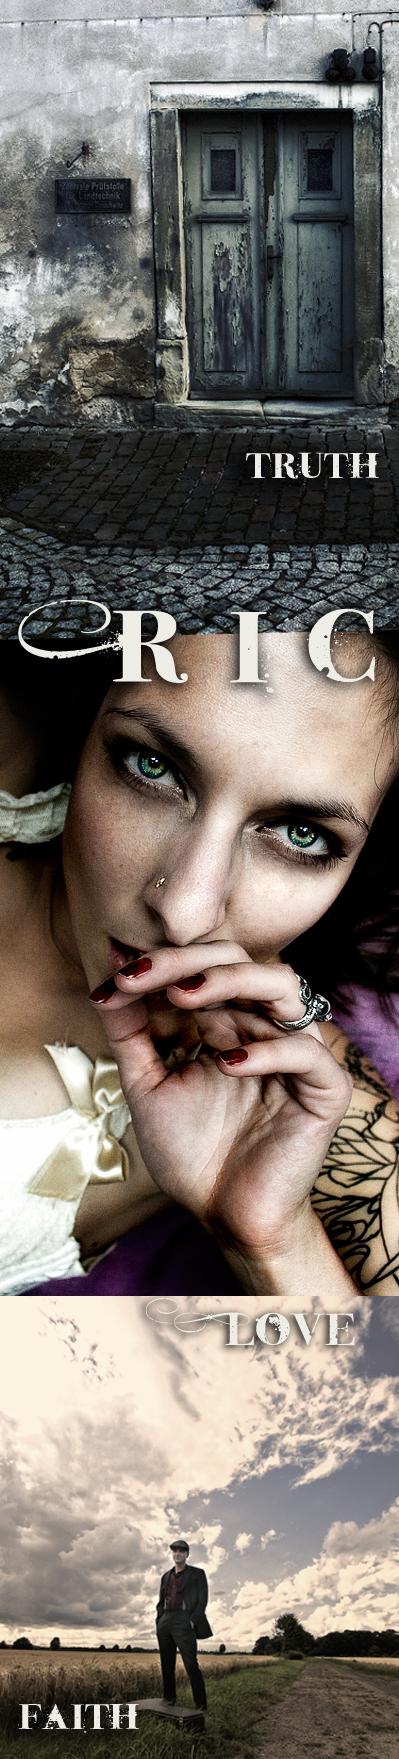 SelinaKyle's Profile Picture